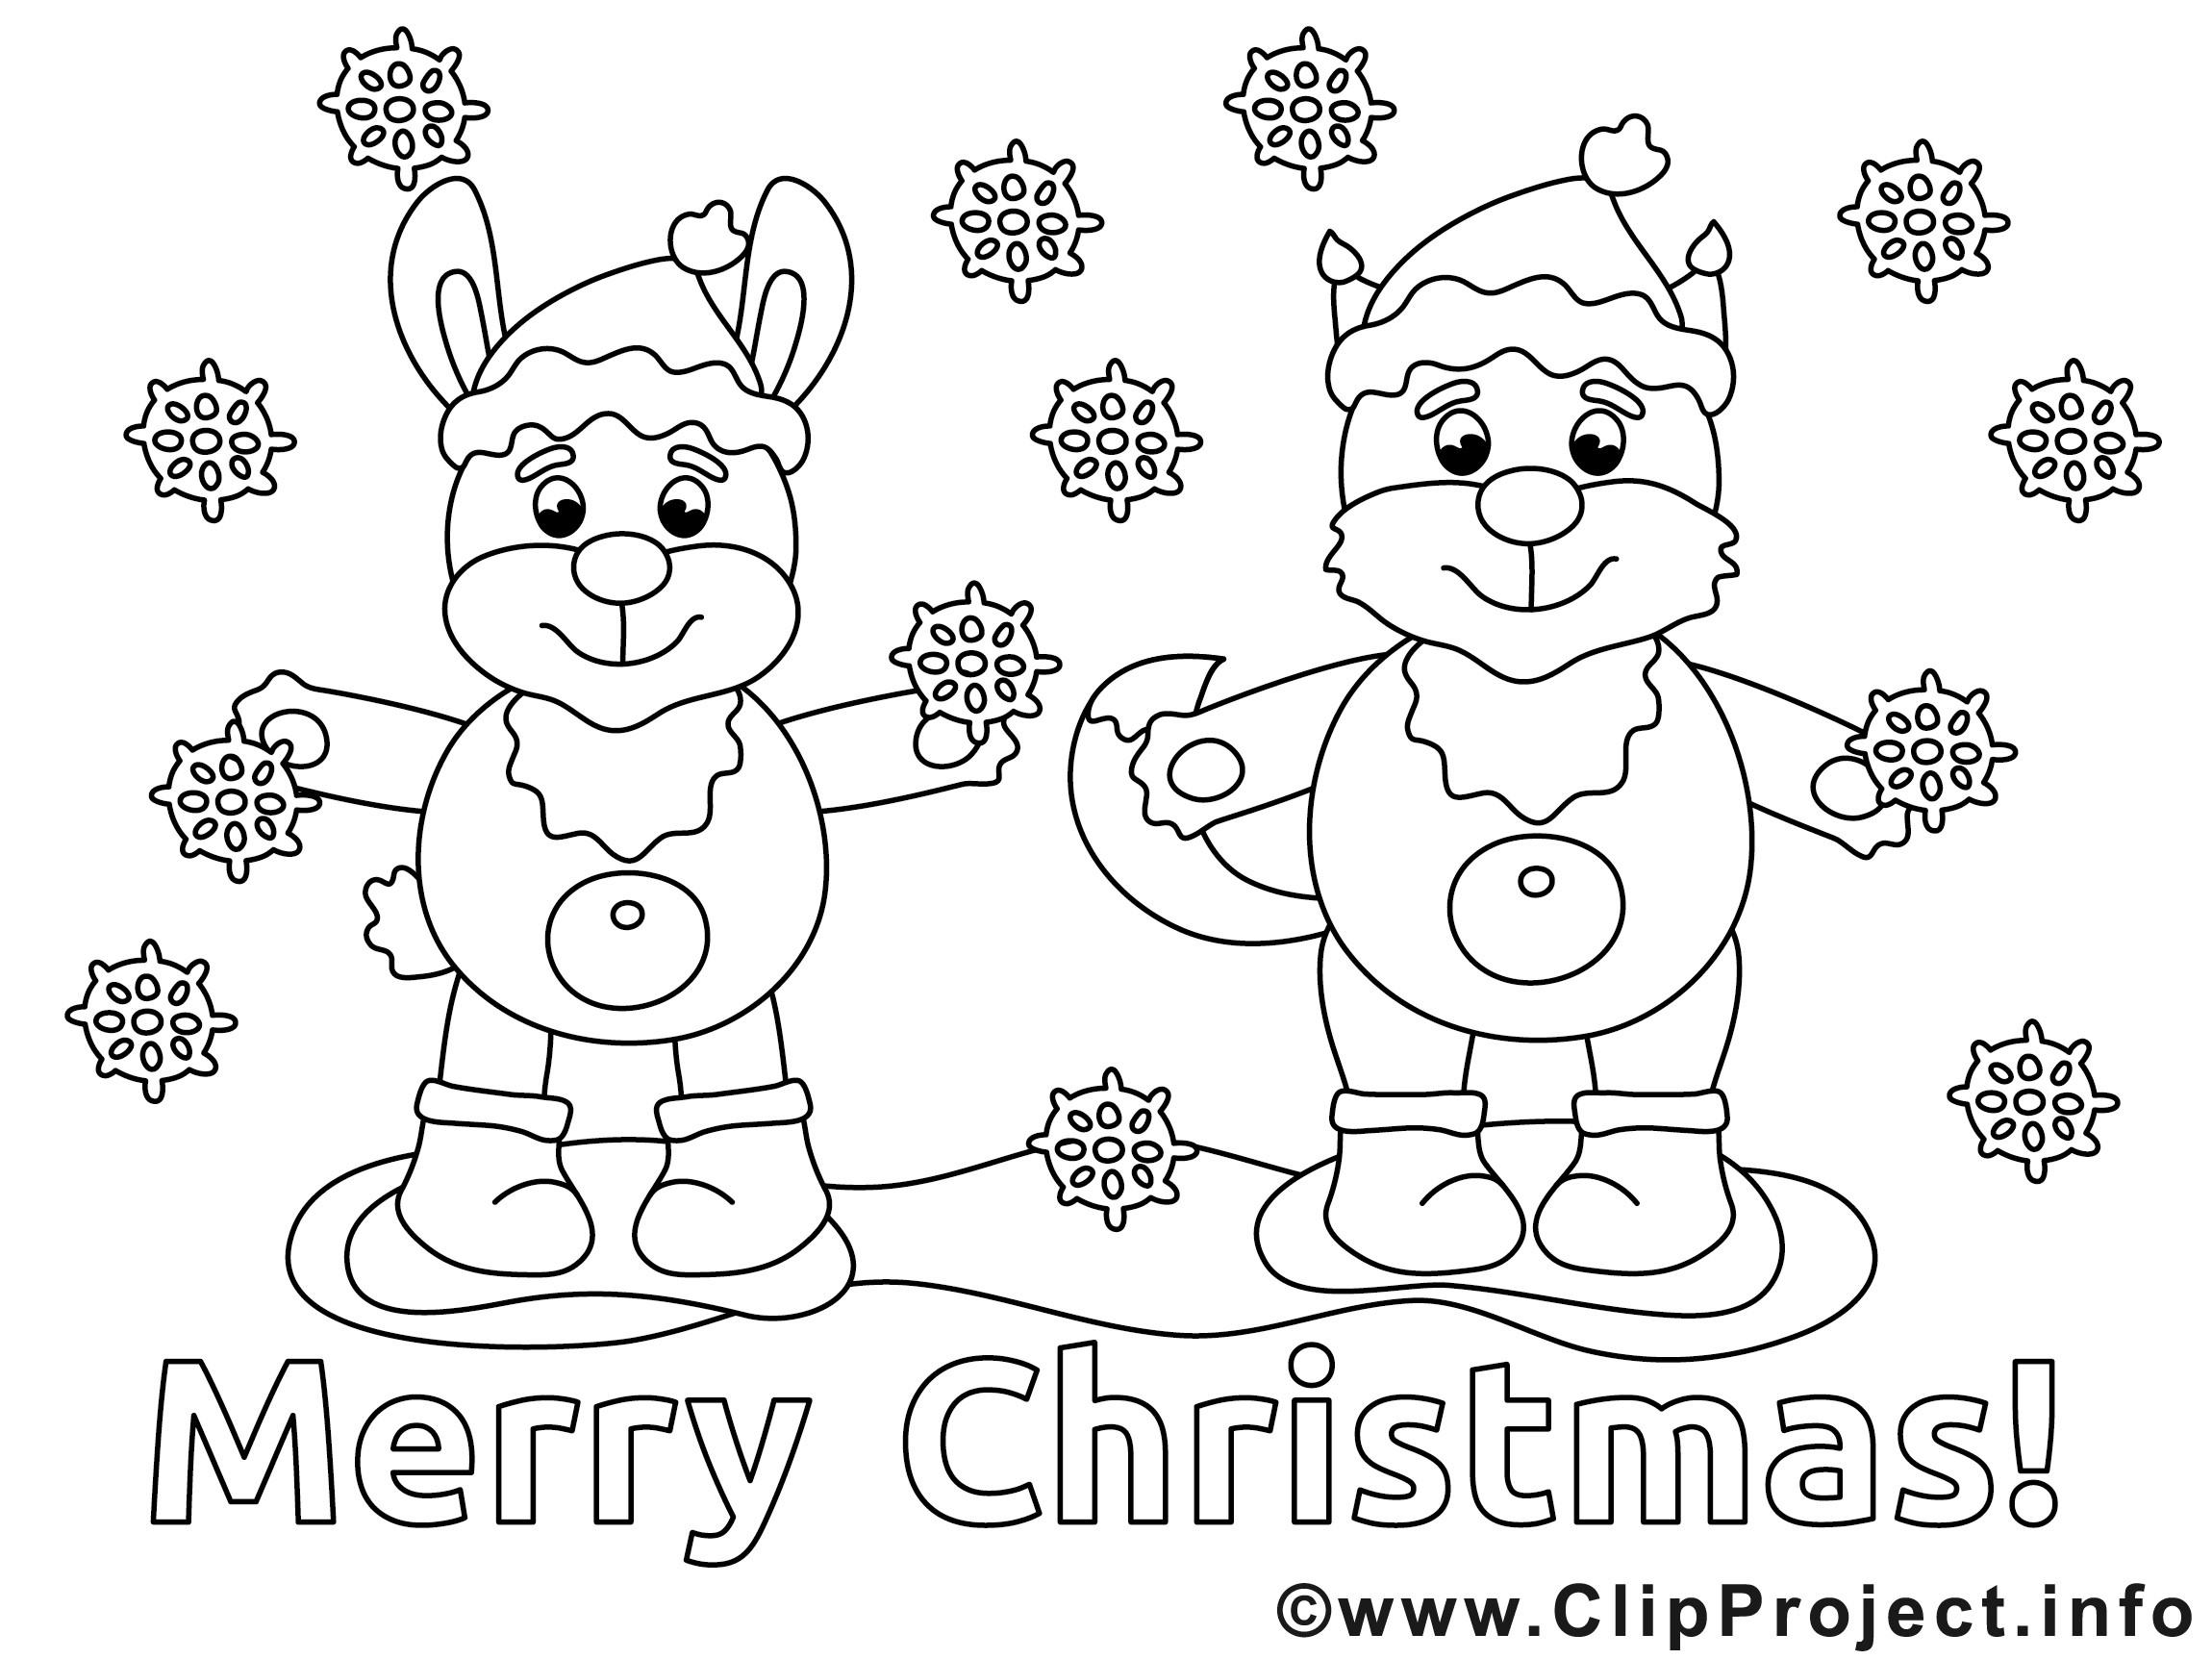 Malvorlagen Weihnachten Kostenlos Inspirierend Malvorlagen Gratis Zum Ausdrucken Sammlung